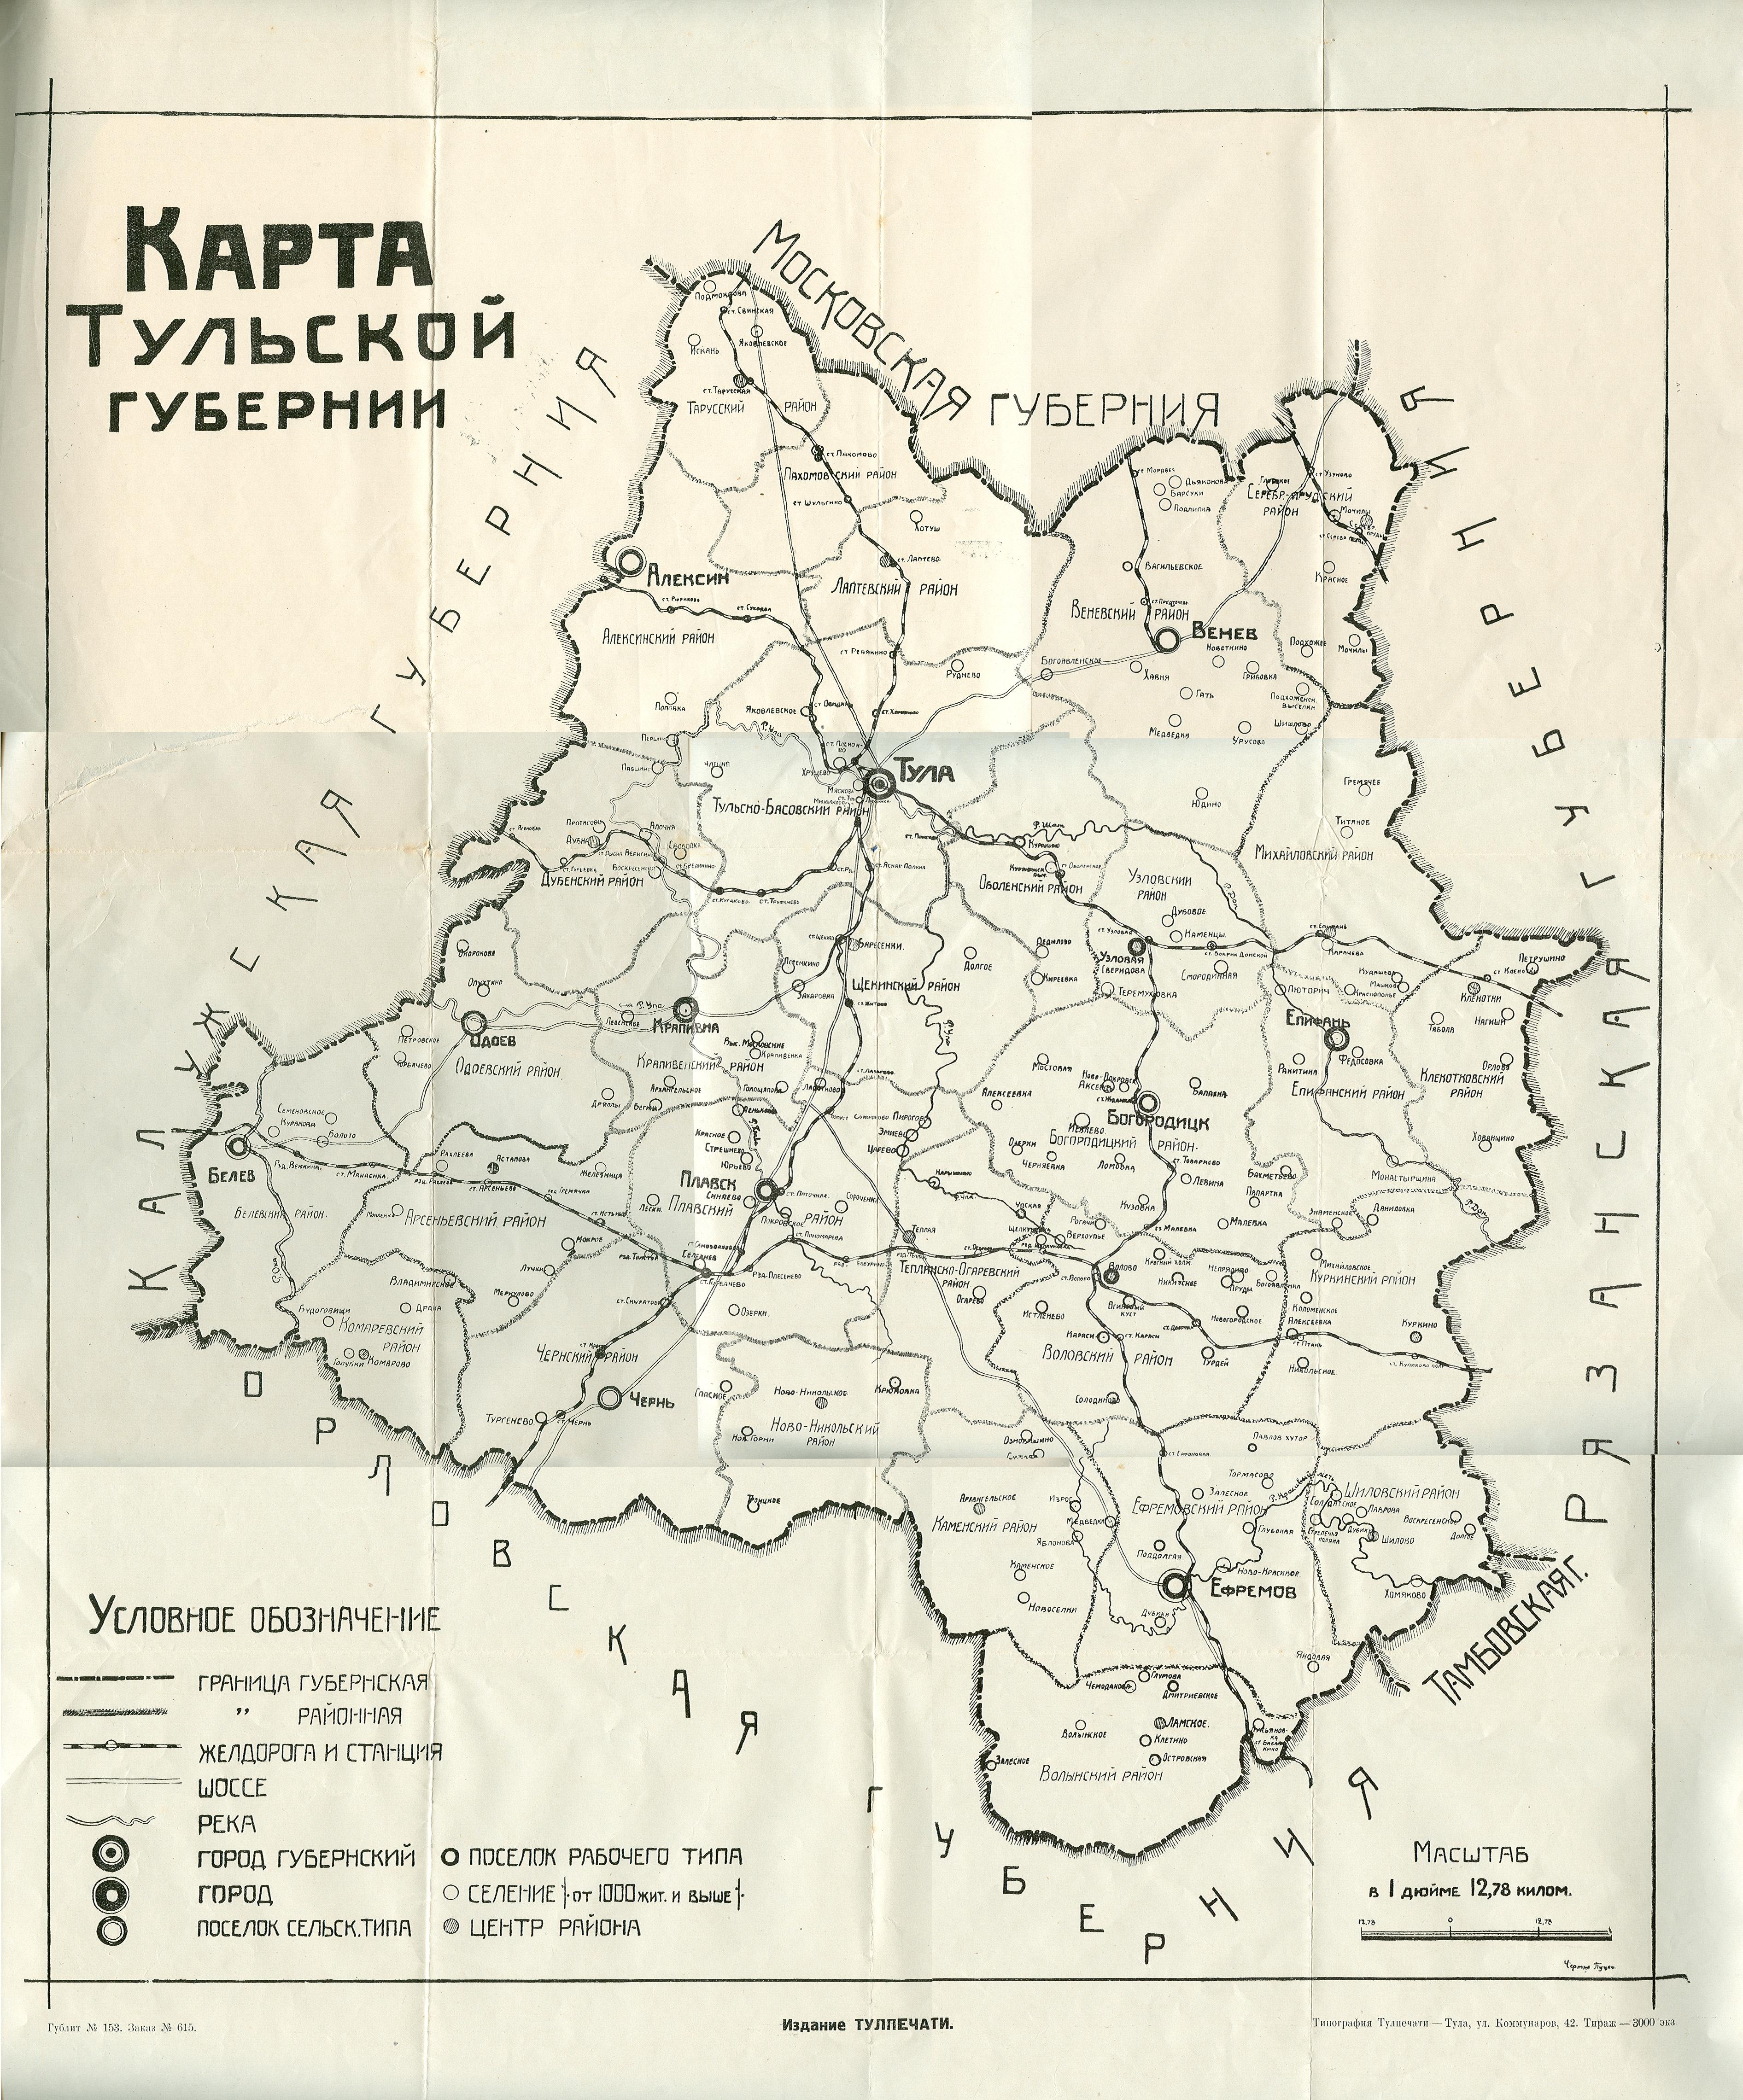 Тульская губерния на карте 1928 года скачать.